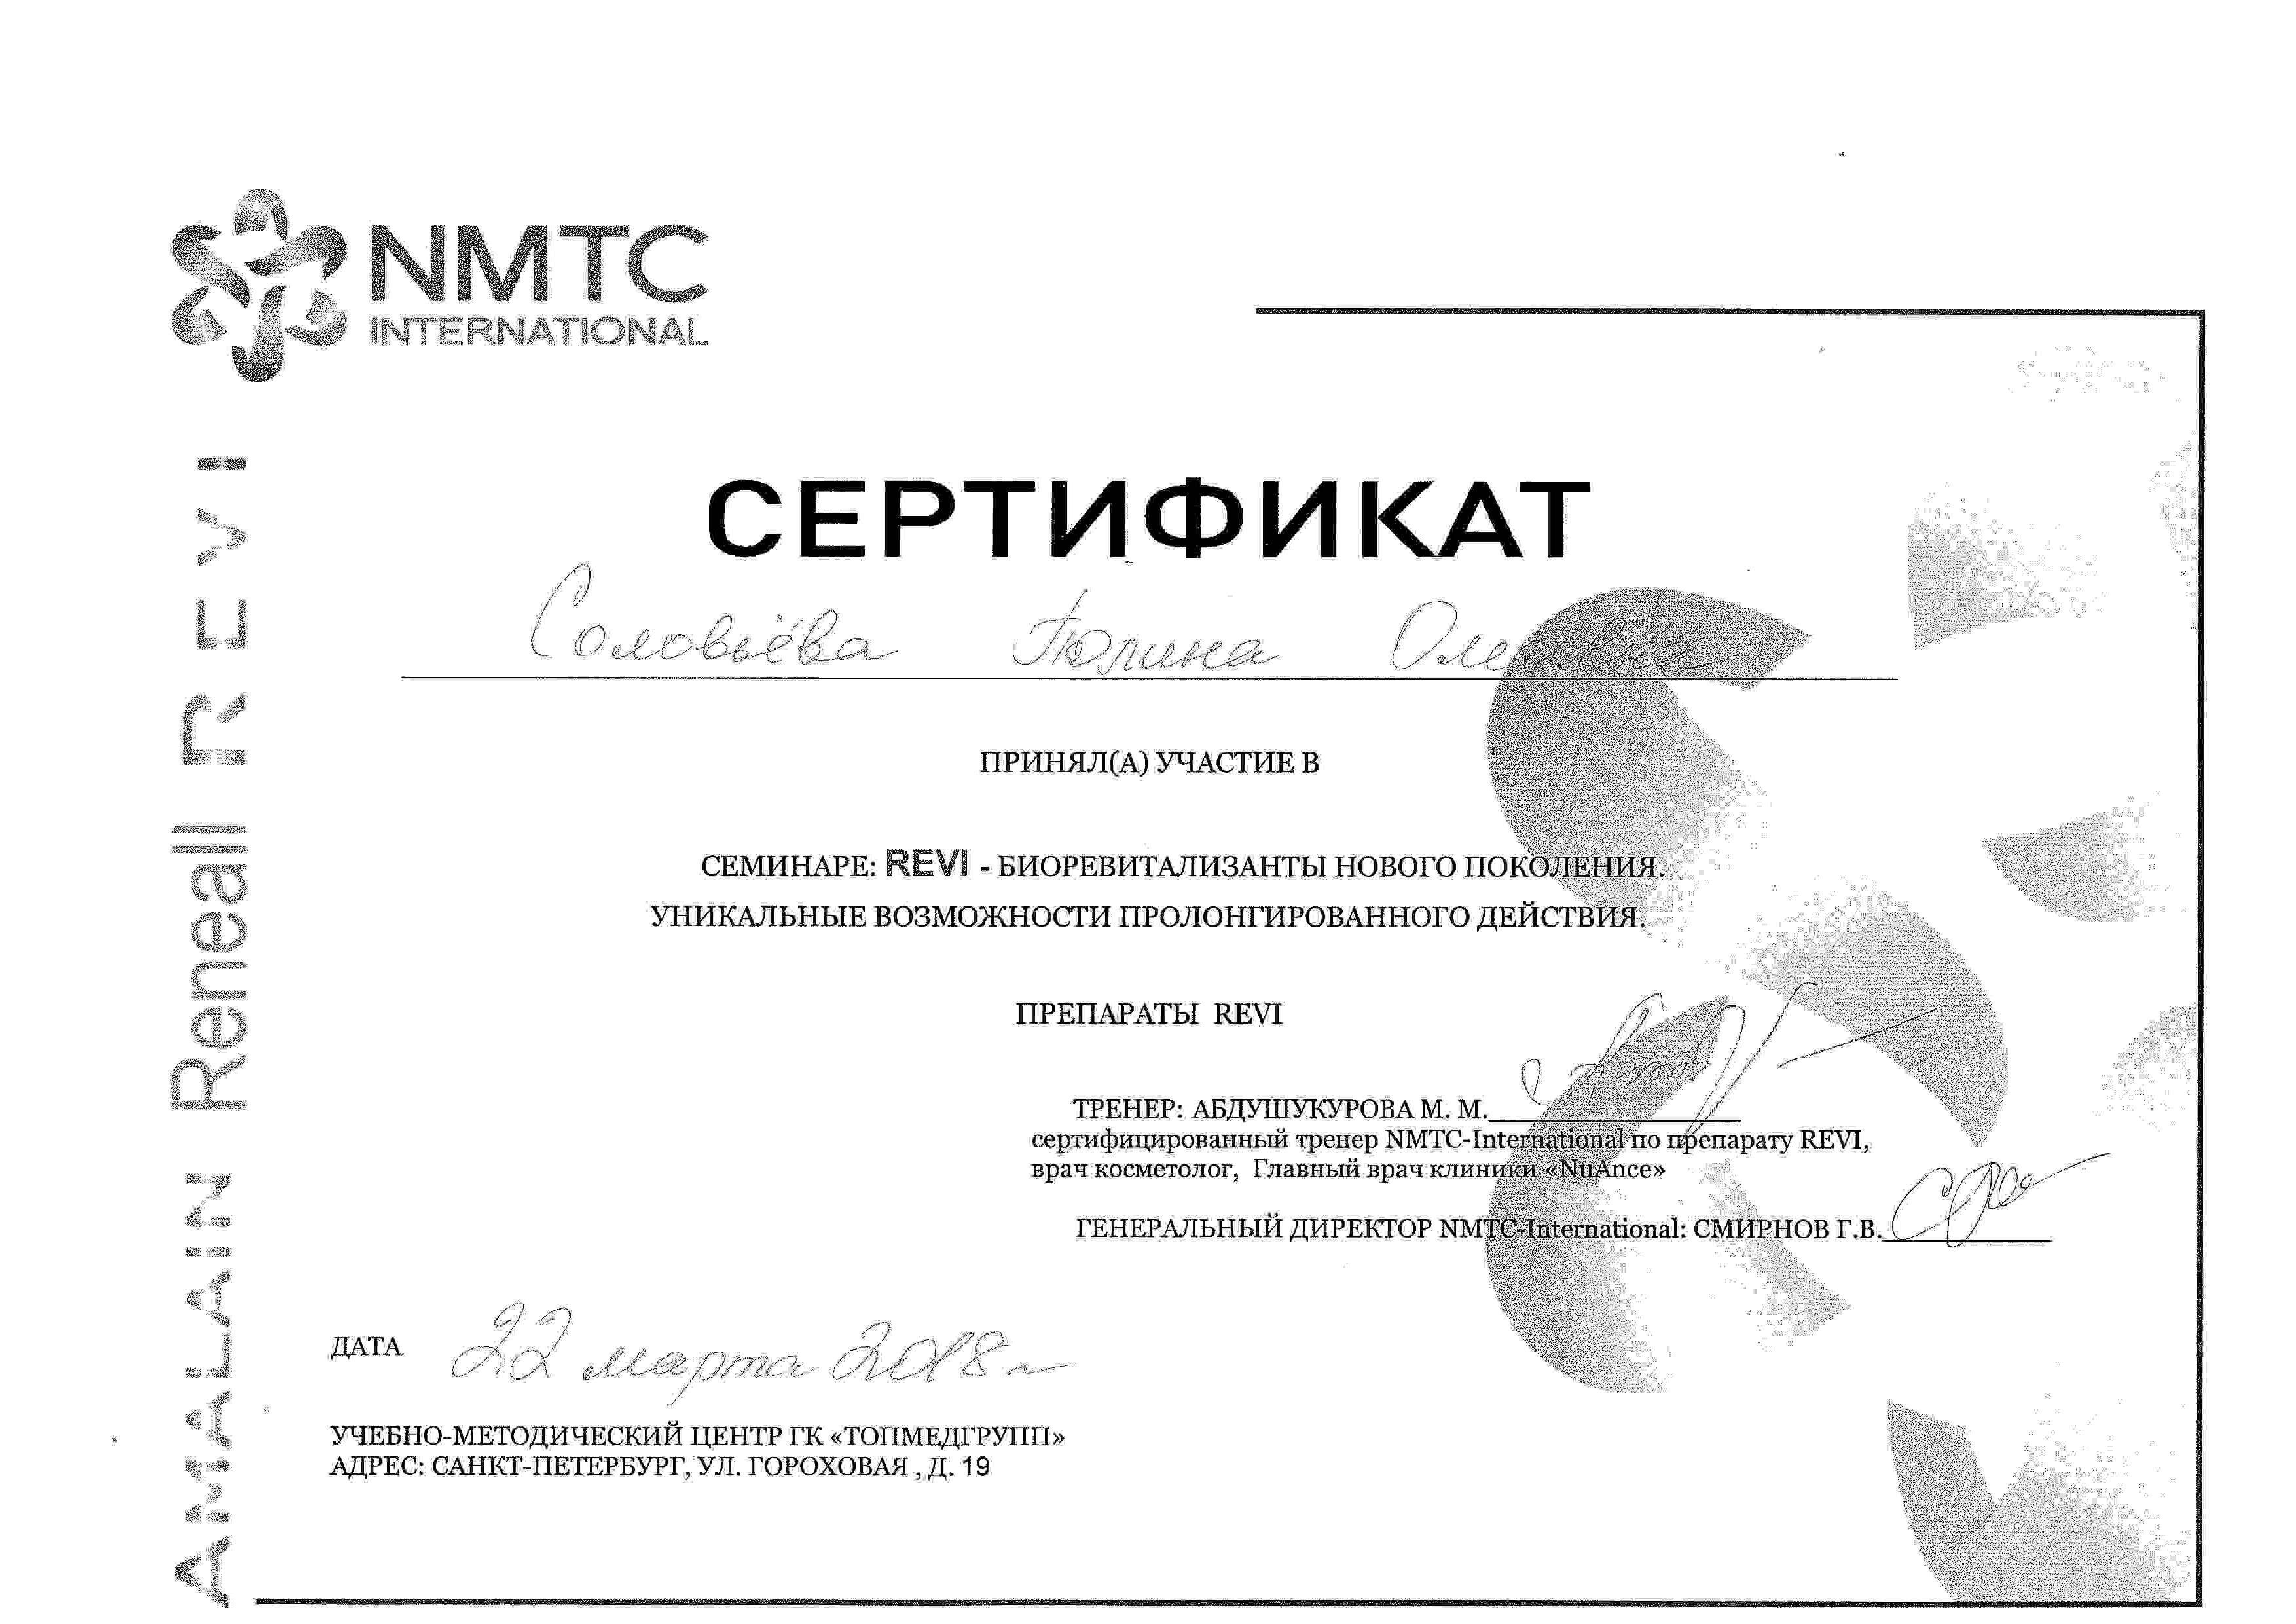 Сертификат Соловьева 19